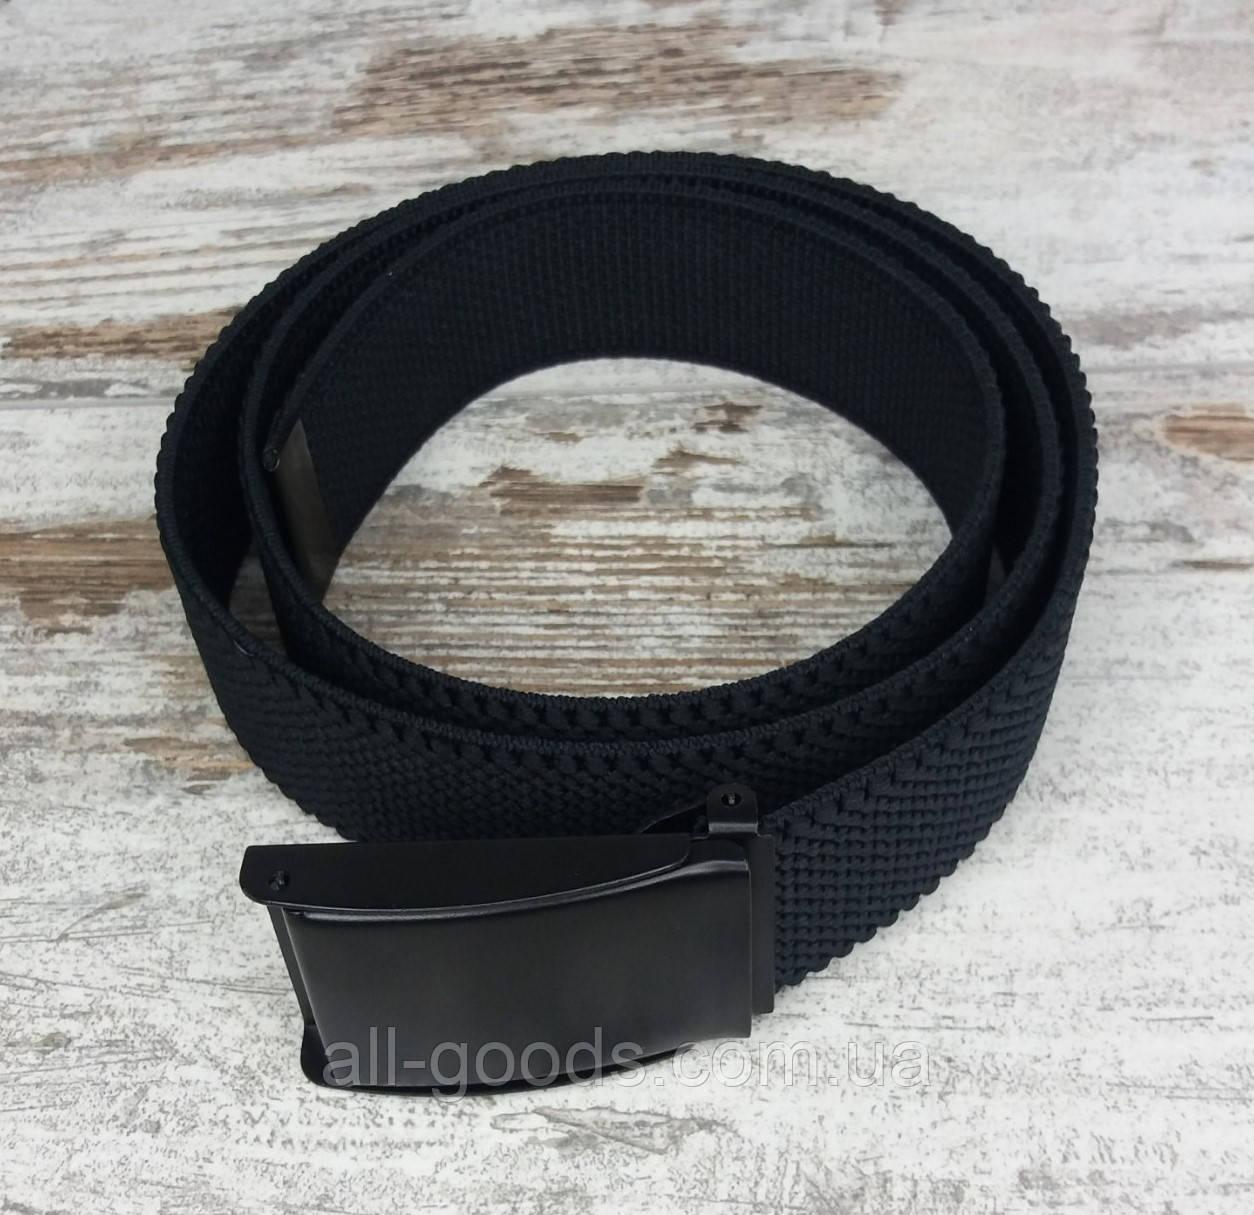 Ремень джинсовый резинка с пряжкой зажим 40 мм черный, оригинальный модный текстильный ремень All